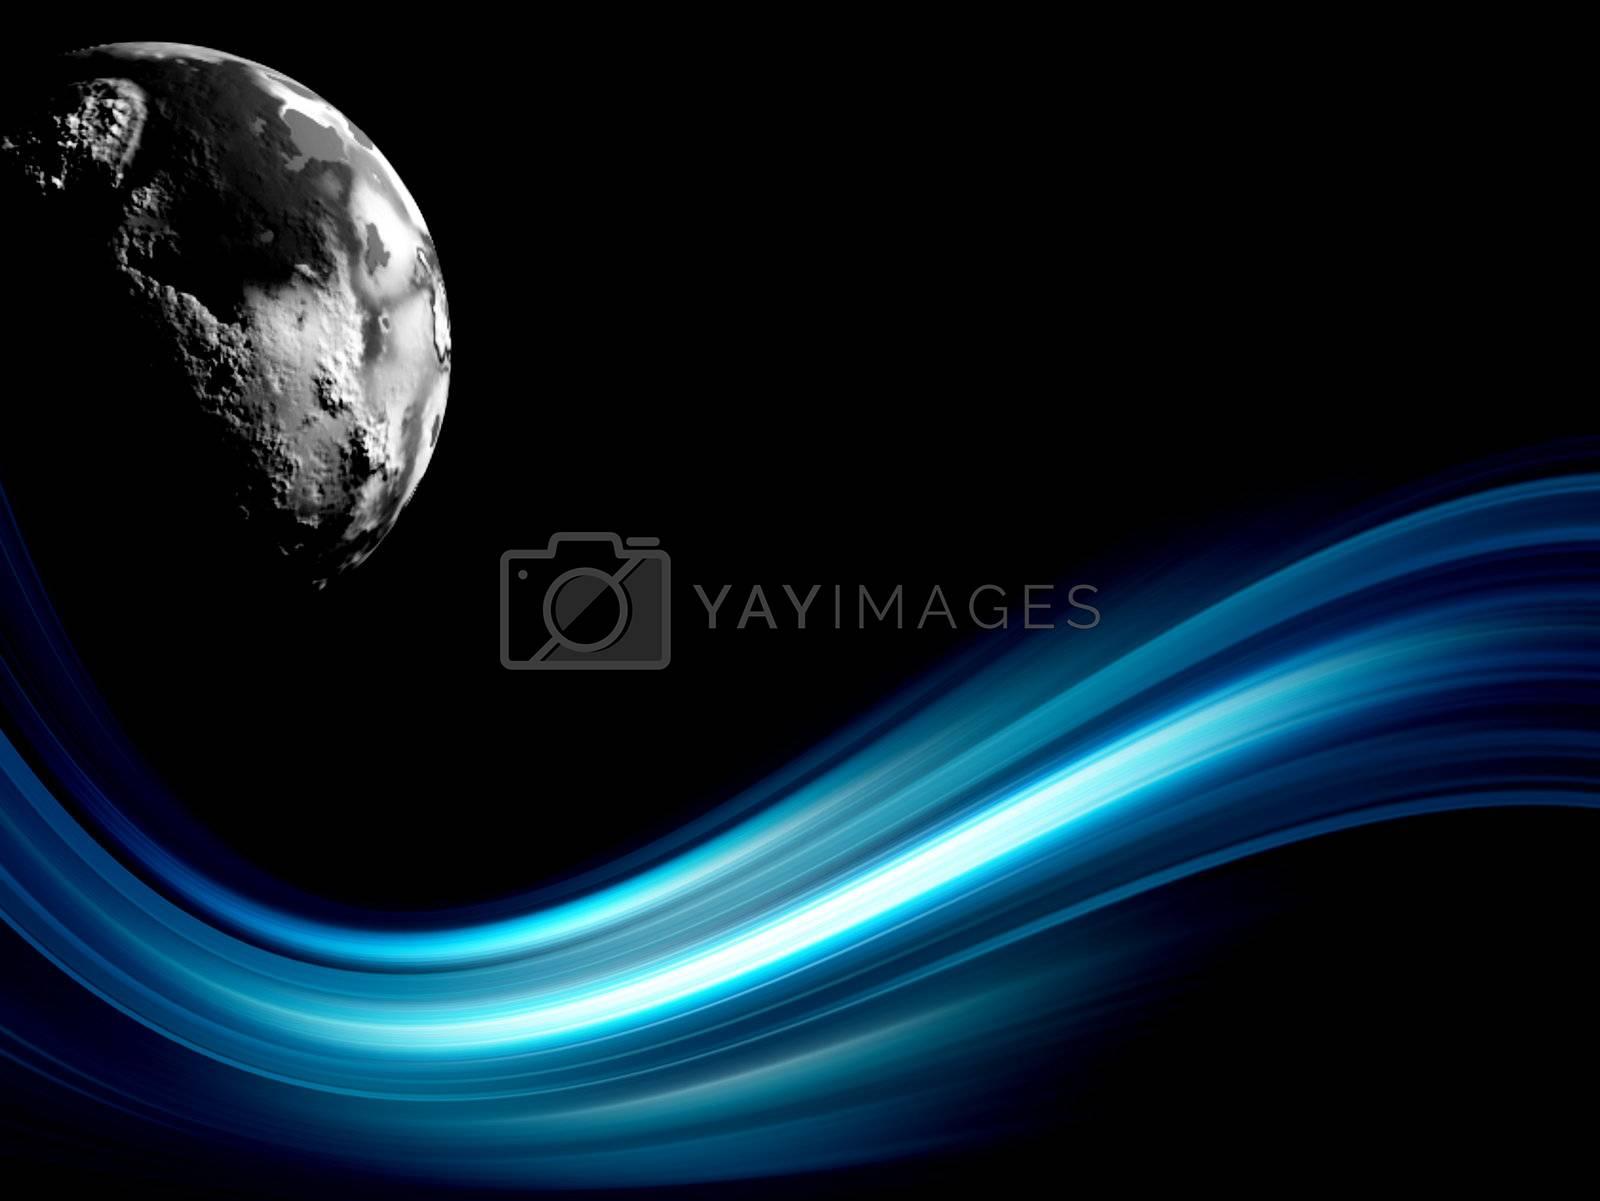 blue wave on black background